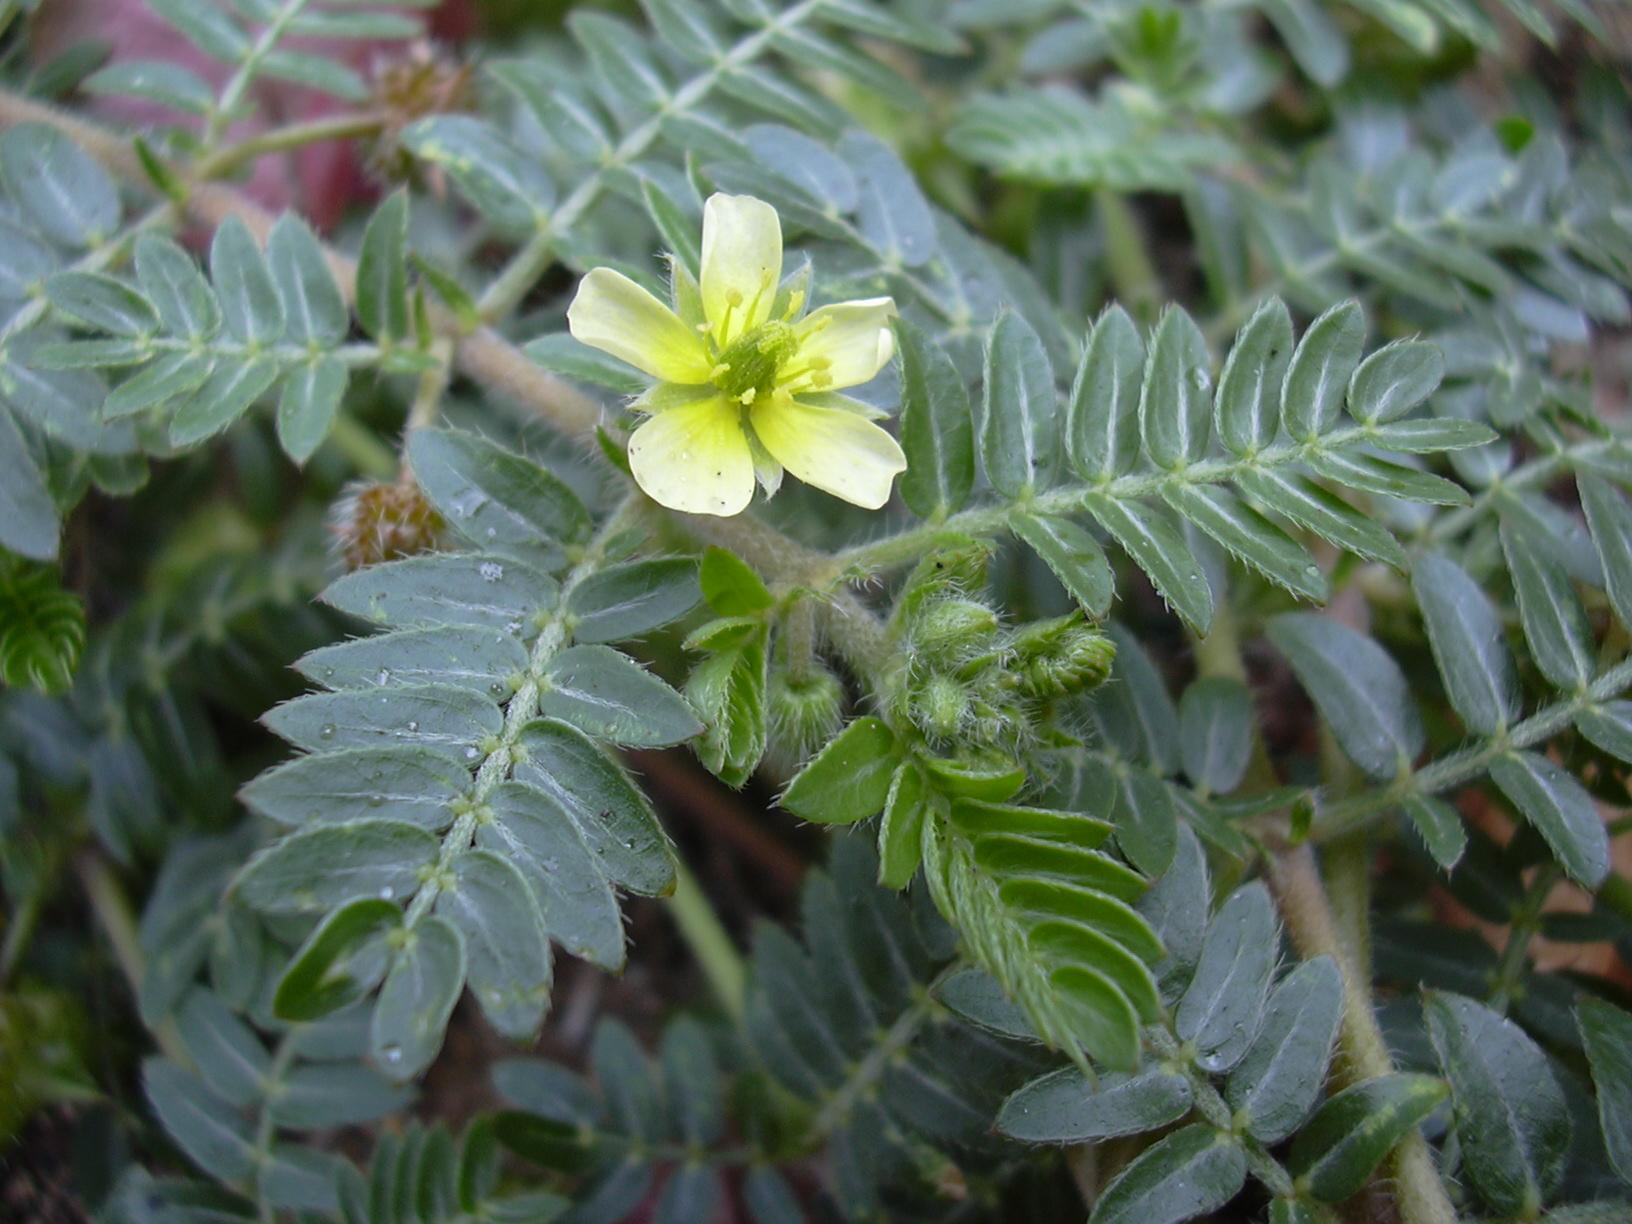 13 vágyfokozó növény - afrodiziákumot a zöldségestől